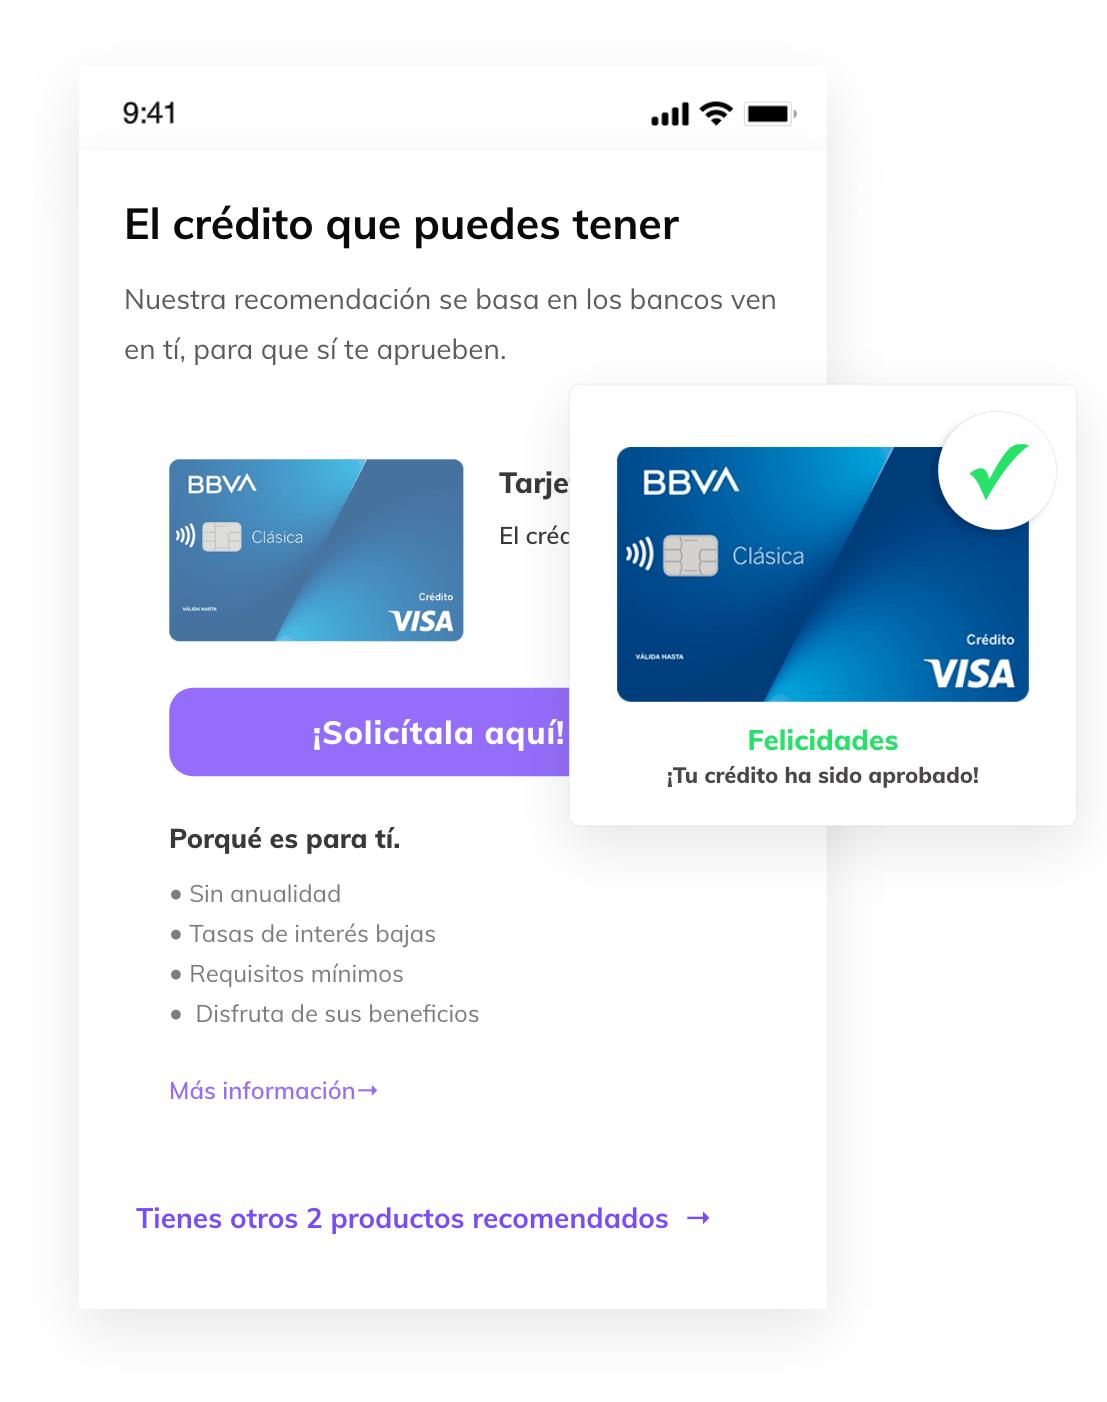 Ofertas de créditos